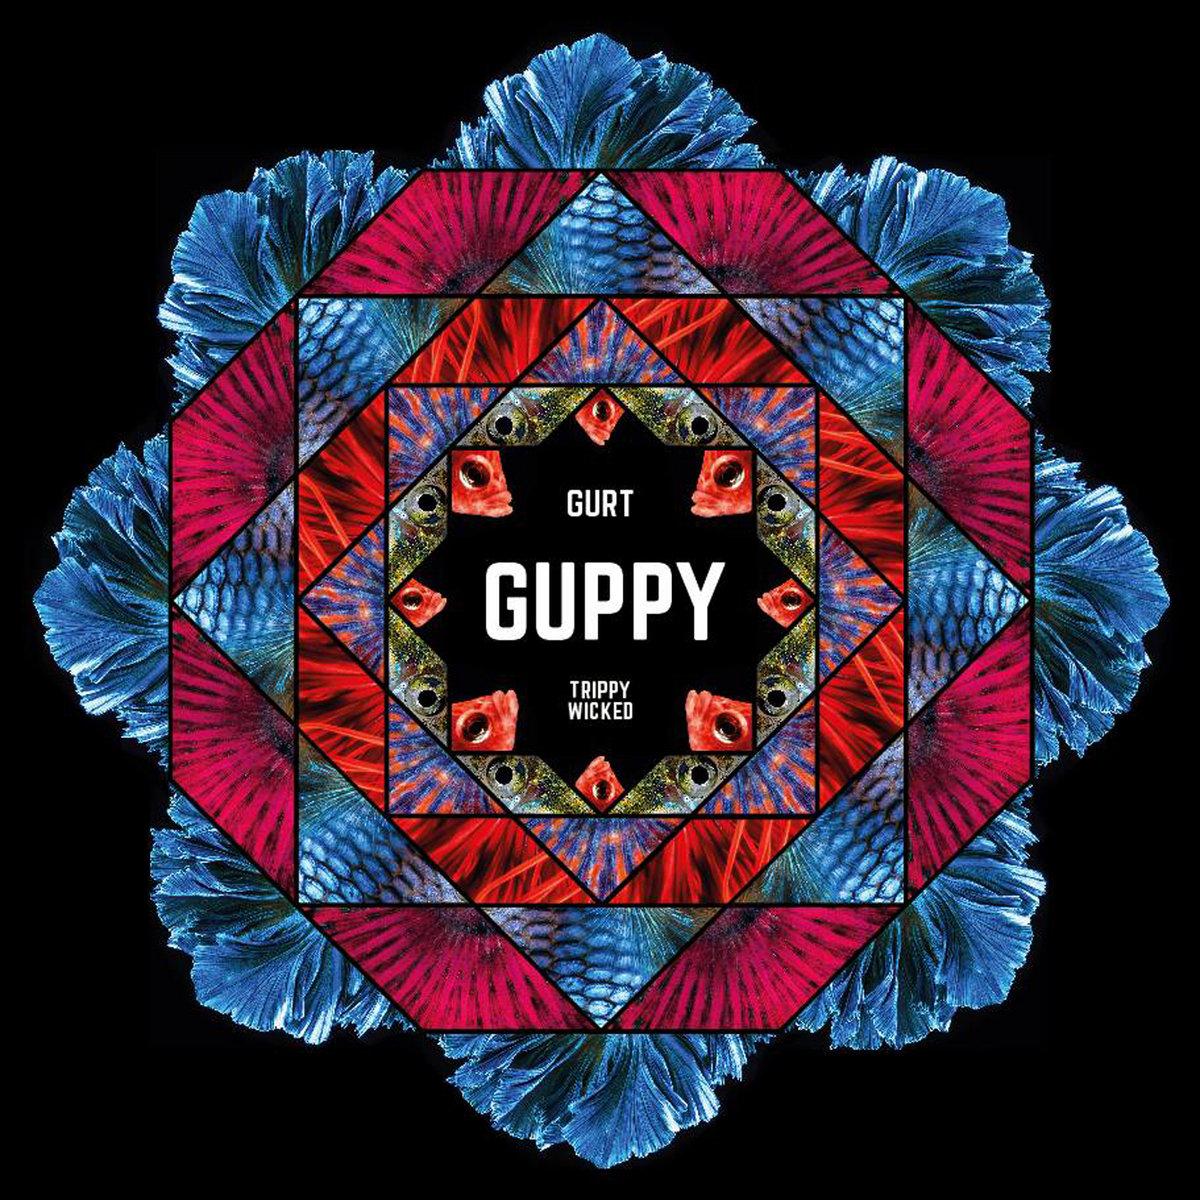 guppy gurt